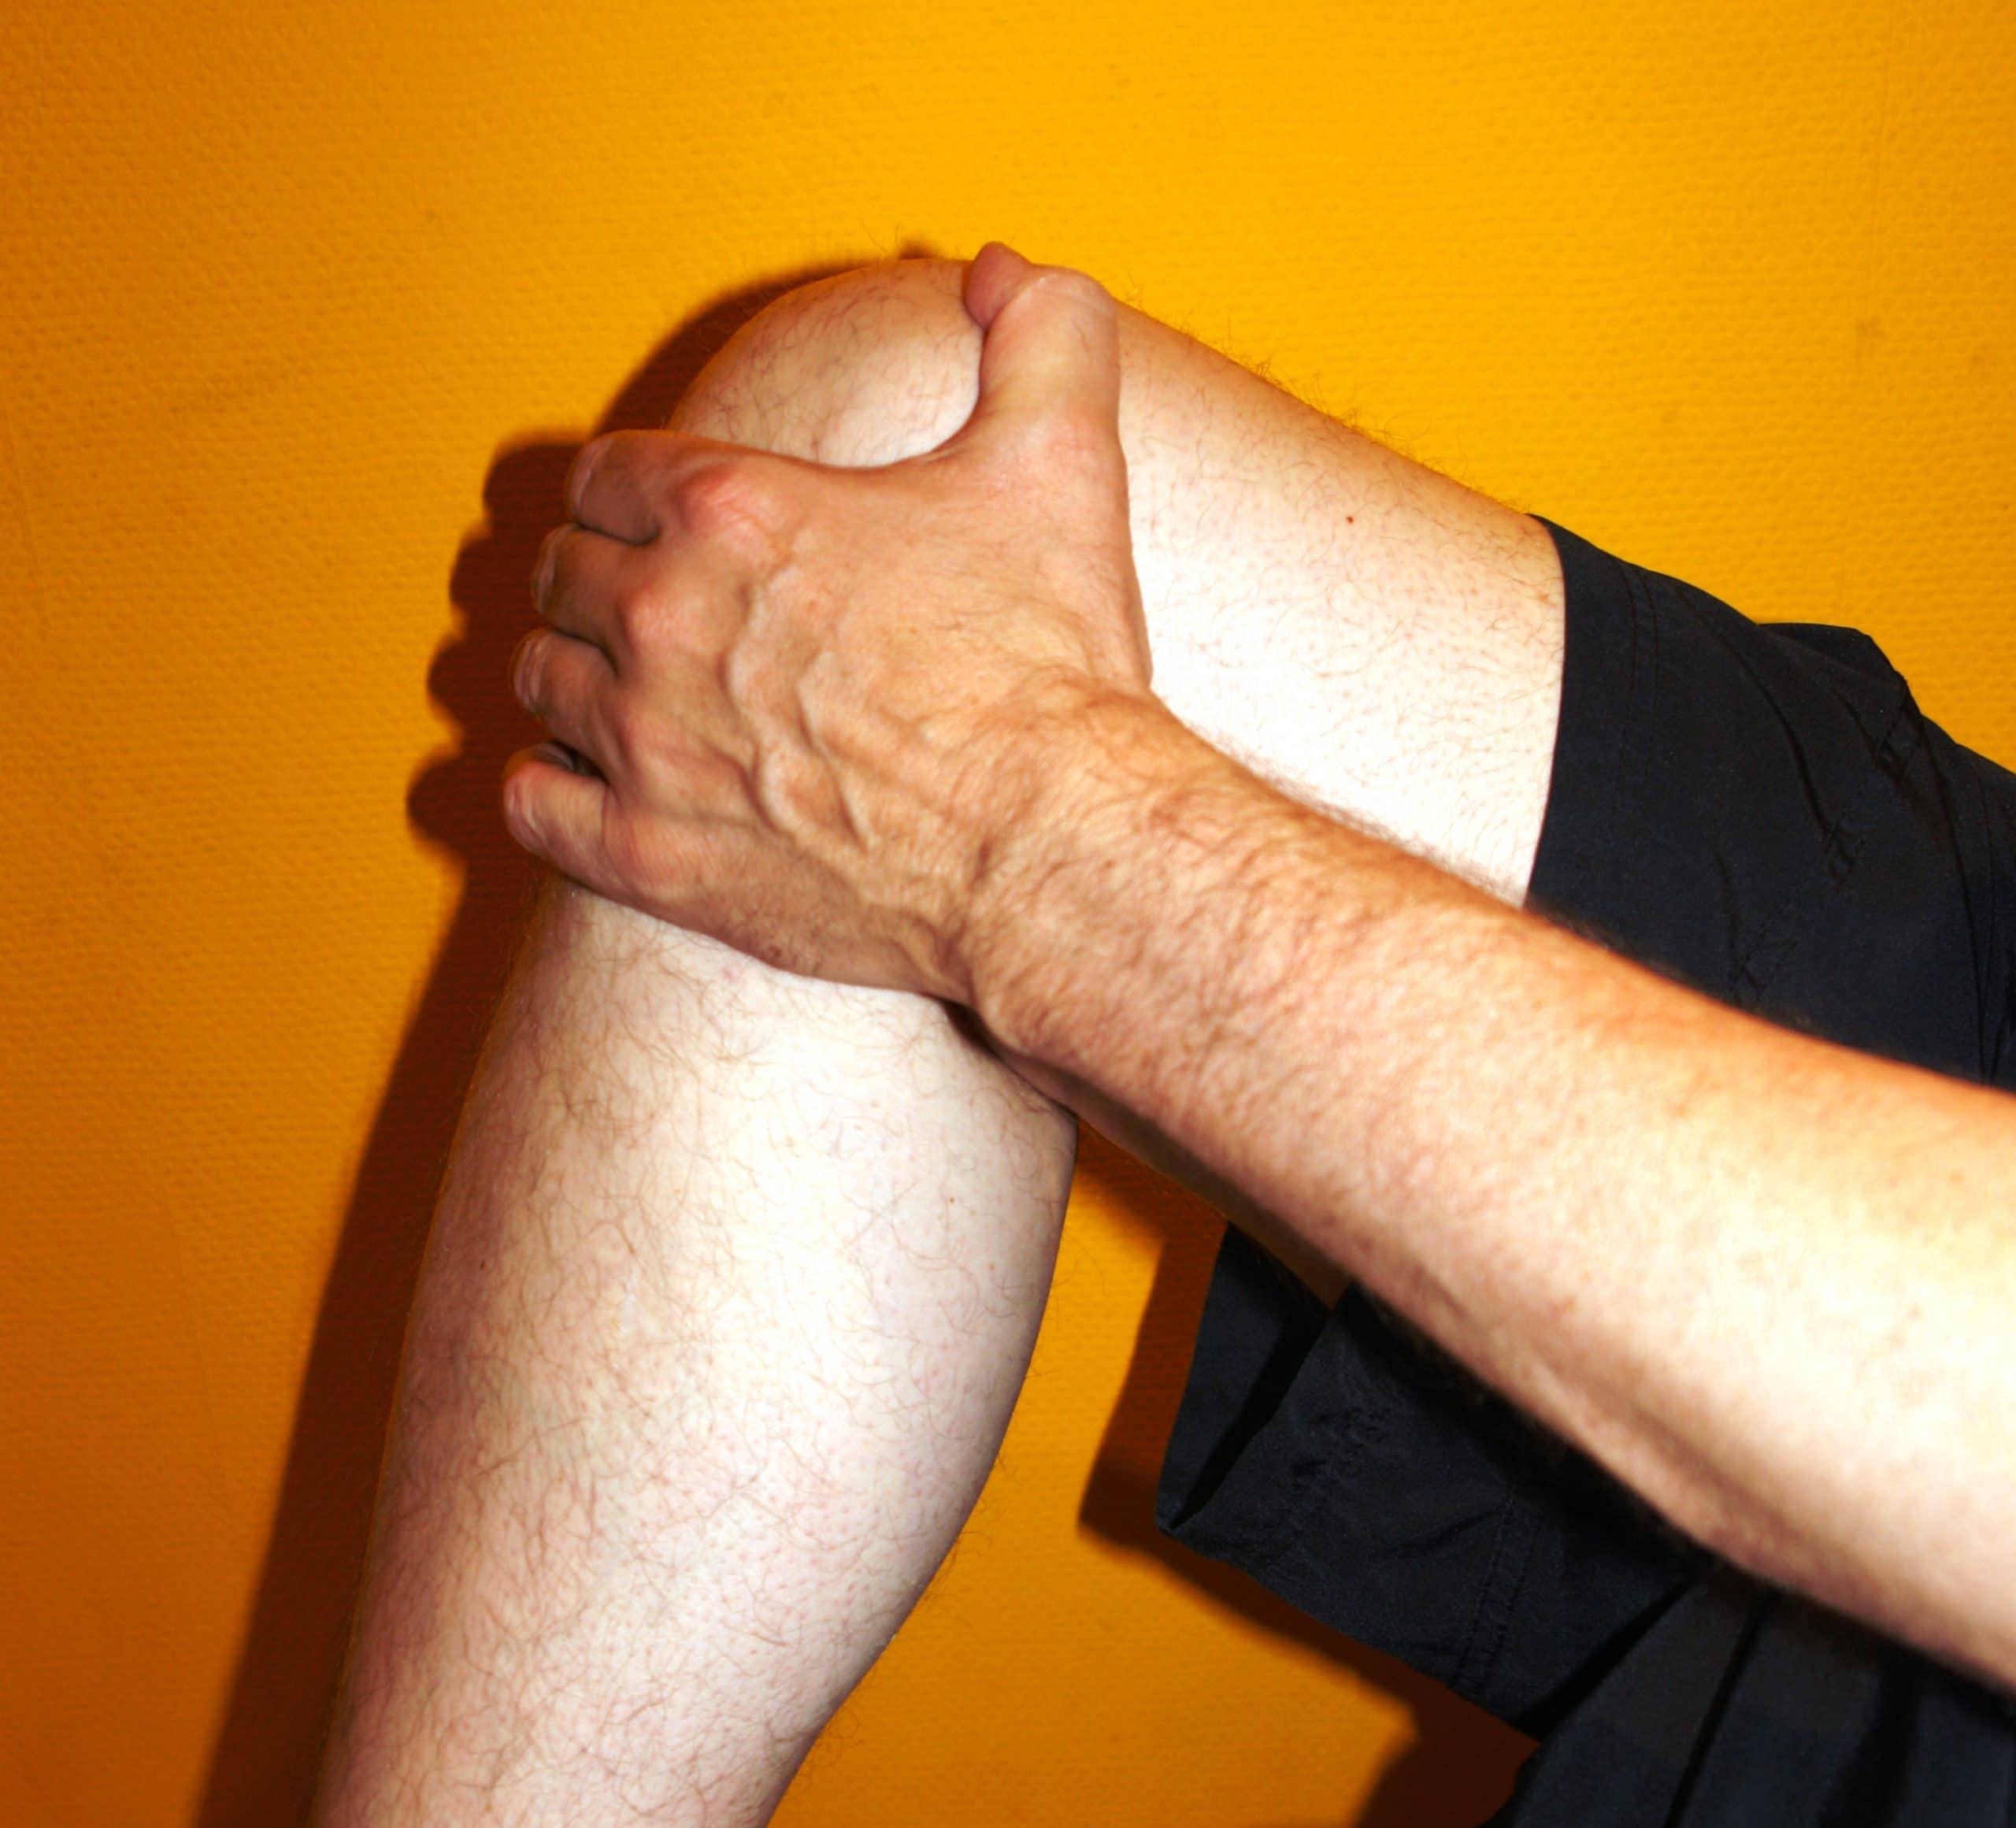 Vortrag: Beschwerden im Knie - Ursachen und Behandlungsmöglichkeiten